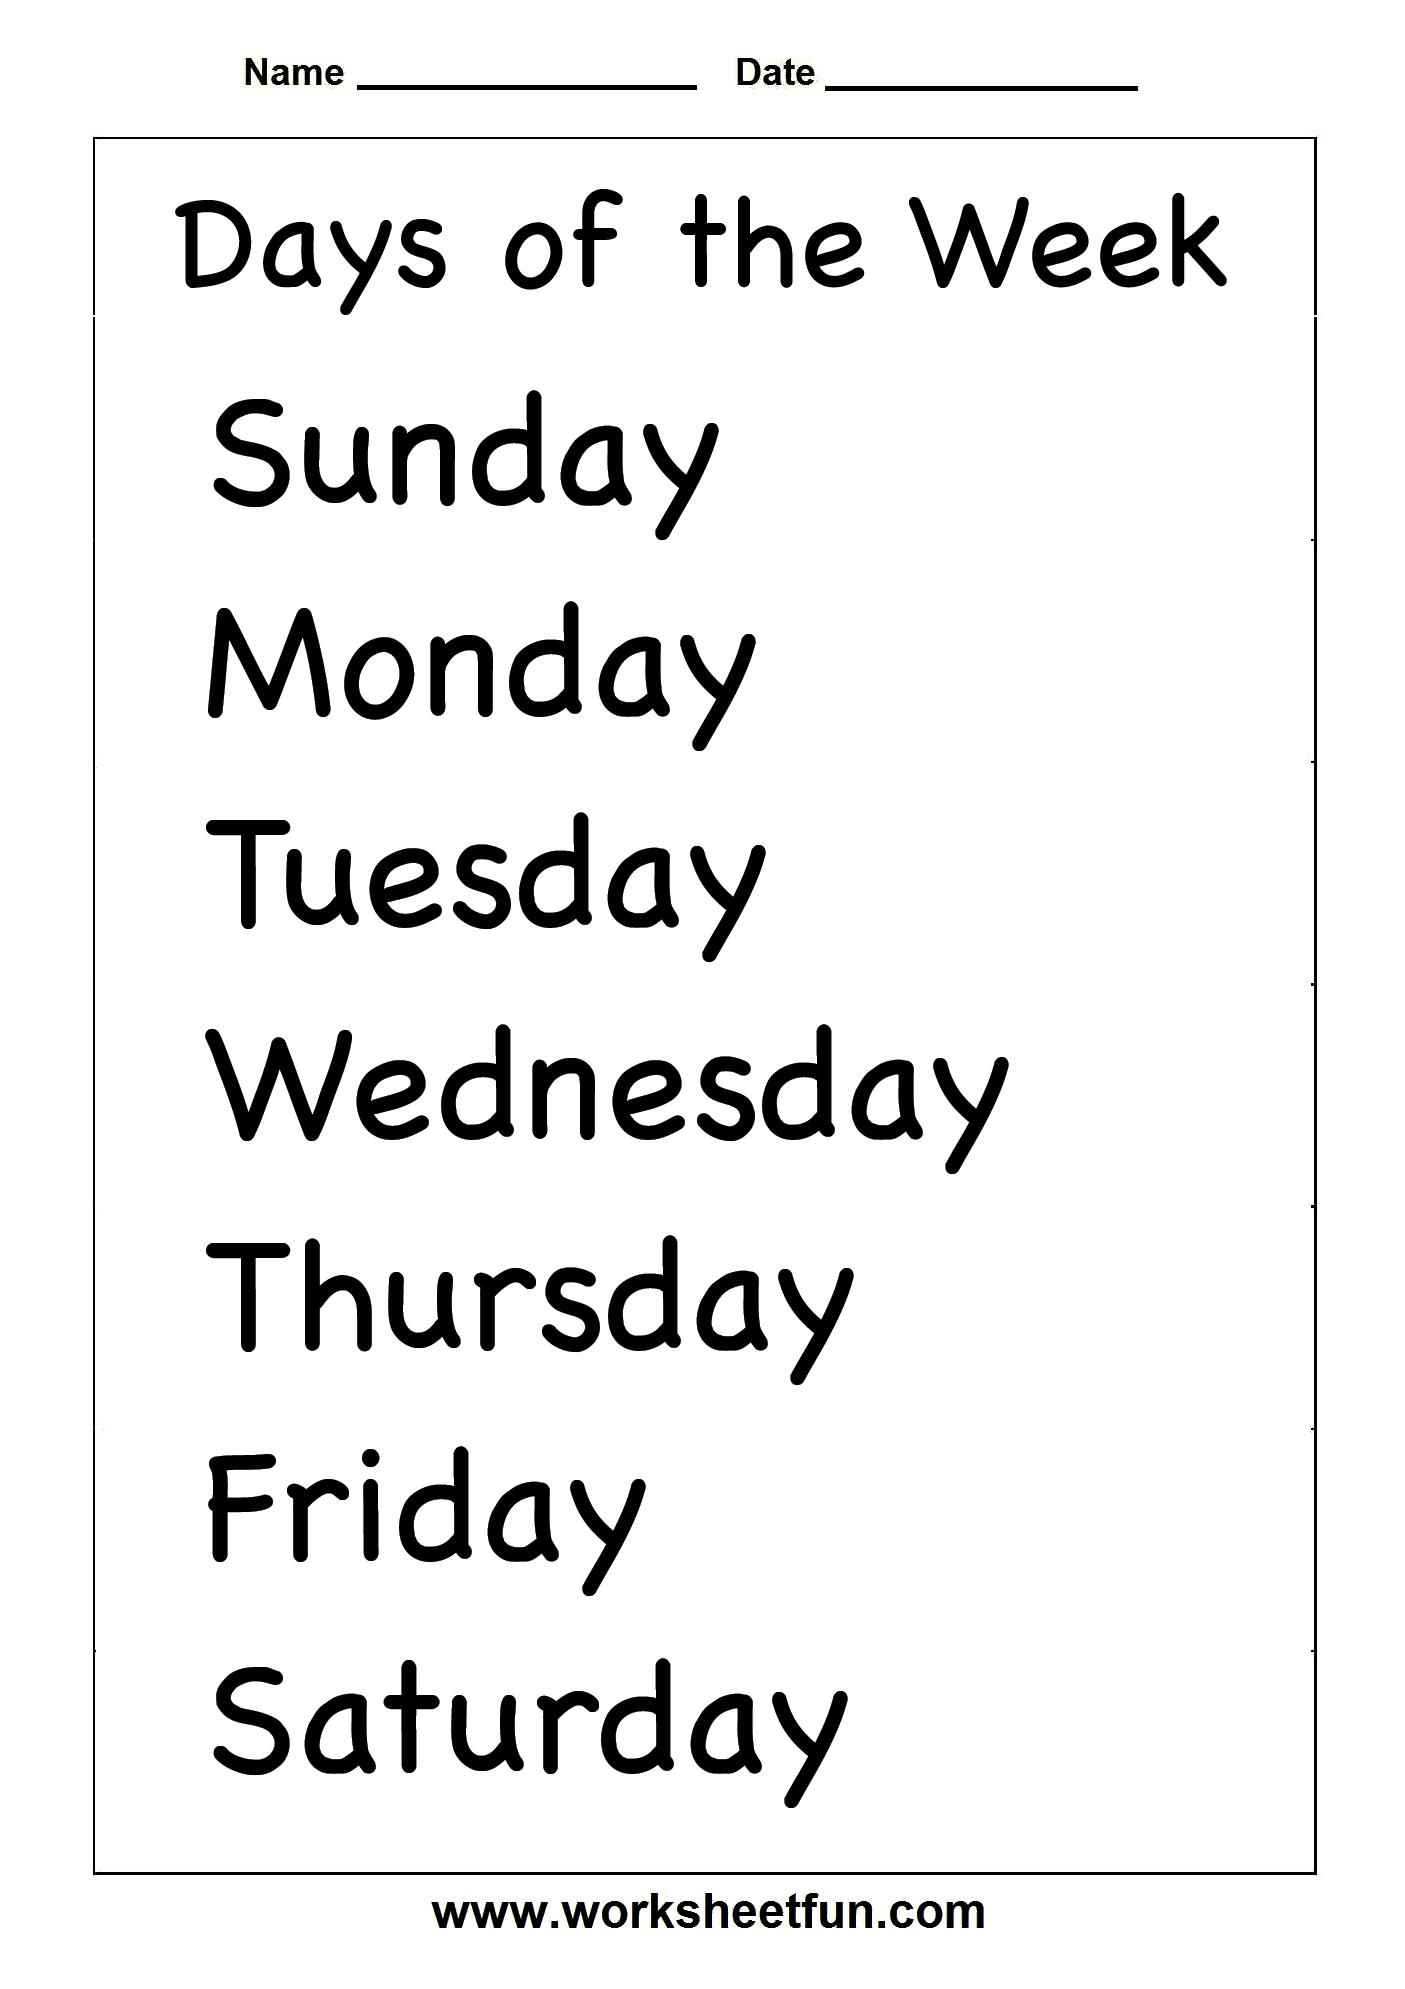 Days Of The Week 2 Worksheets Free Printable Worksheets Worksheetfun